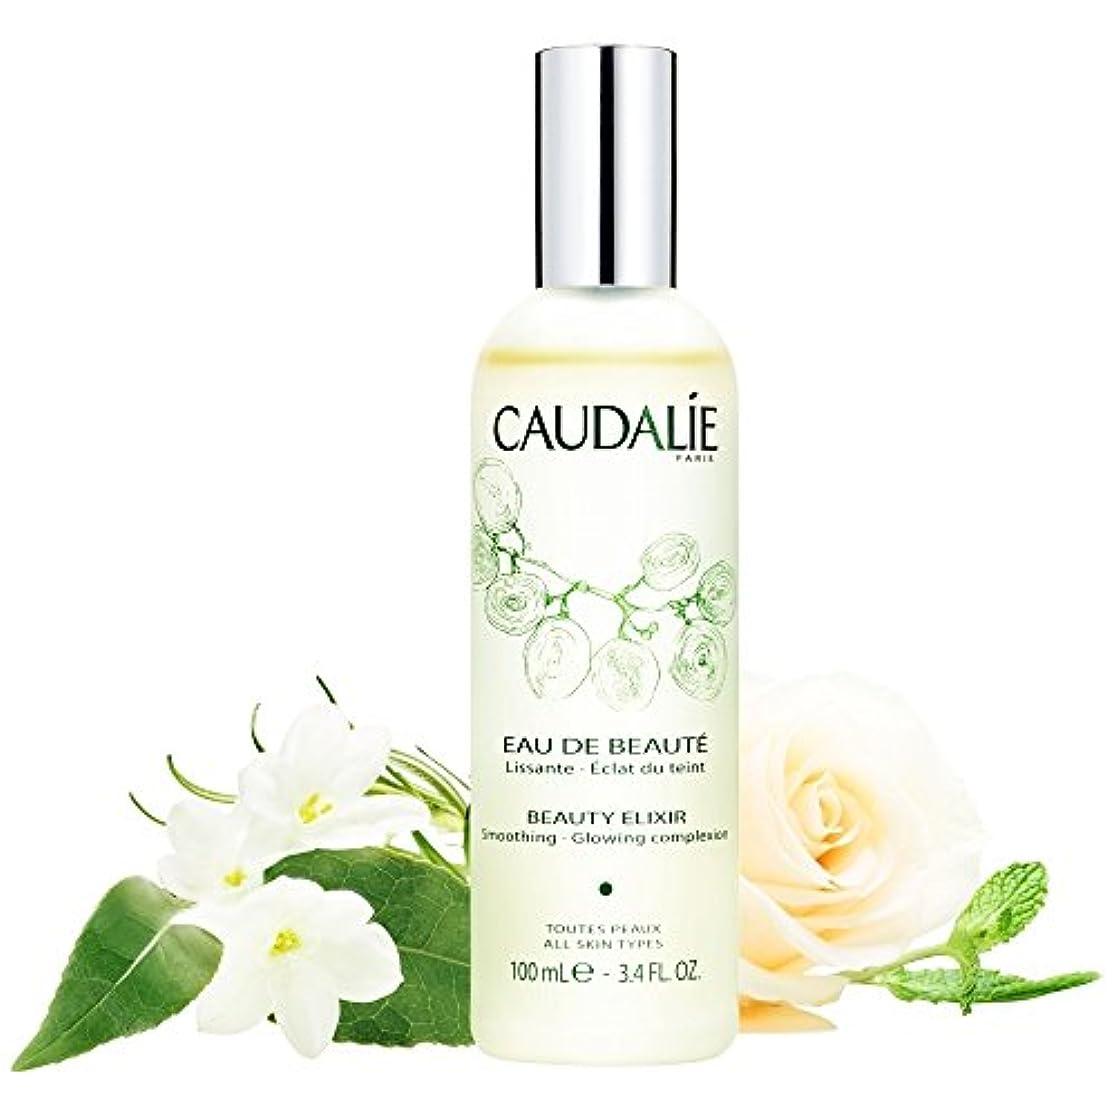 の中で近傍頭痛コーダリー美容エリキシル、100ミリリットル (Caudalie) (x2) - Caudalie Beauty Elixir, 100ml (Pack of 2) [並行輸入品]